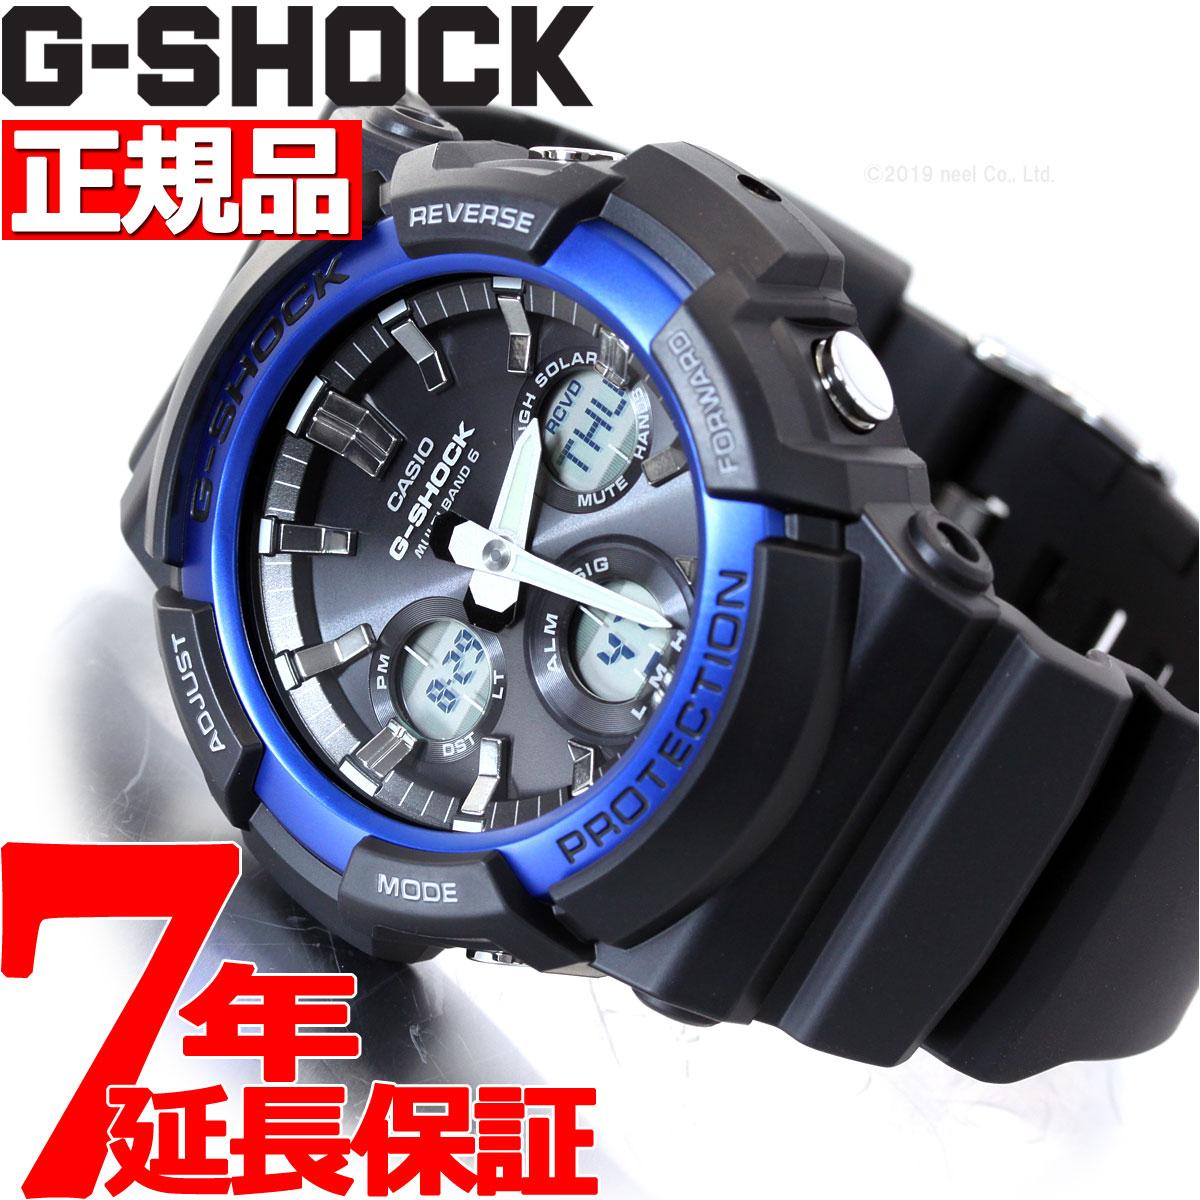 【5日0時~♪2000円OFFクーポン&店内ポイント最大51倍!5日23時59分まで】G-SHOCK 電波 ソーラー 腕時計 メンズ タフソーラー GAW-100B-1A2JF